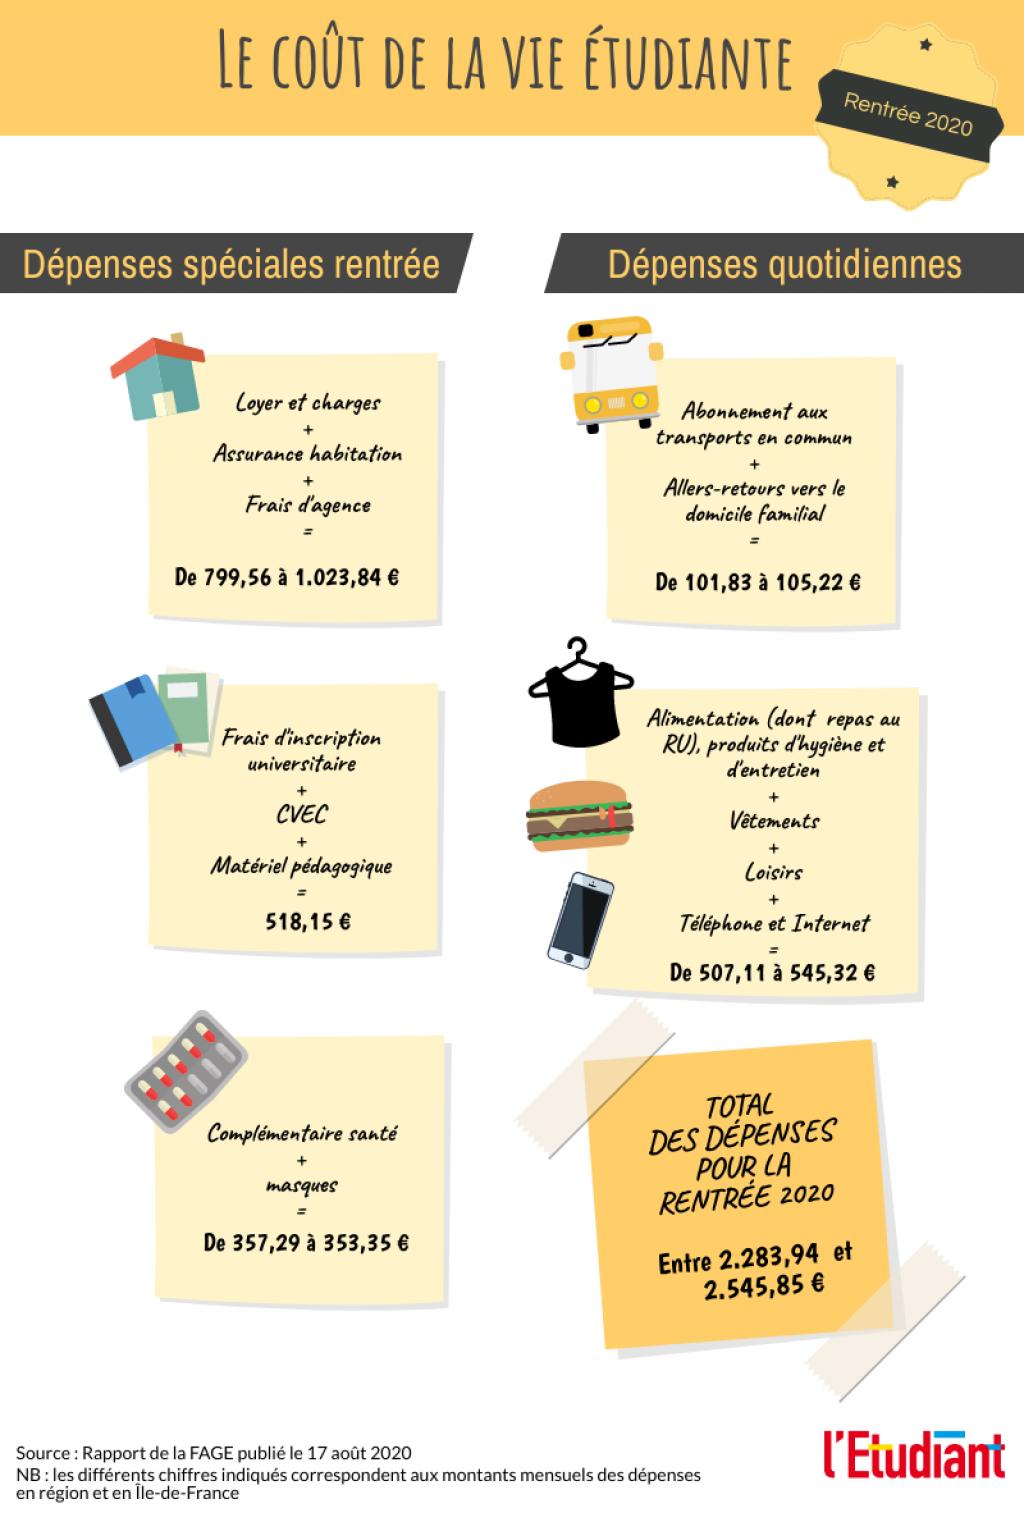 Le coût de la vie étudiante pour la rentrée 2020. //©Pauline Bluteau